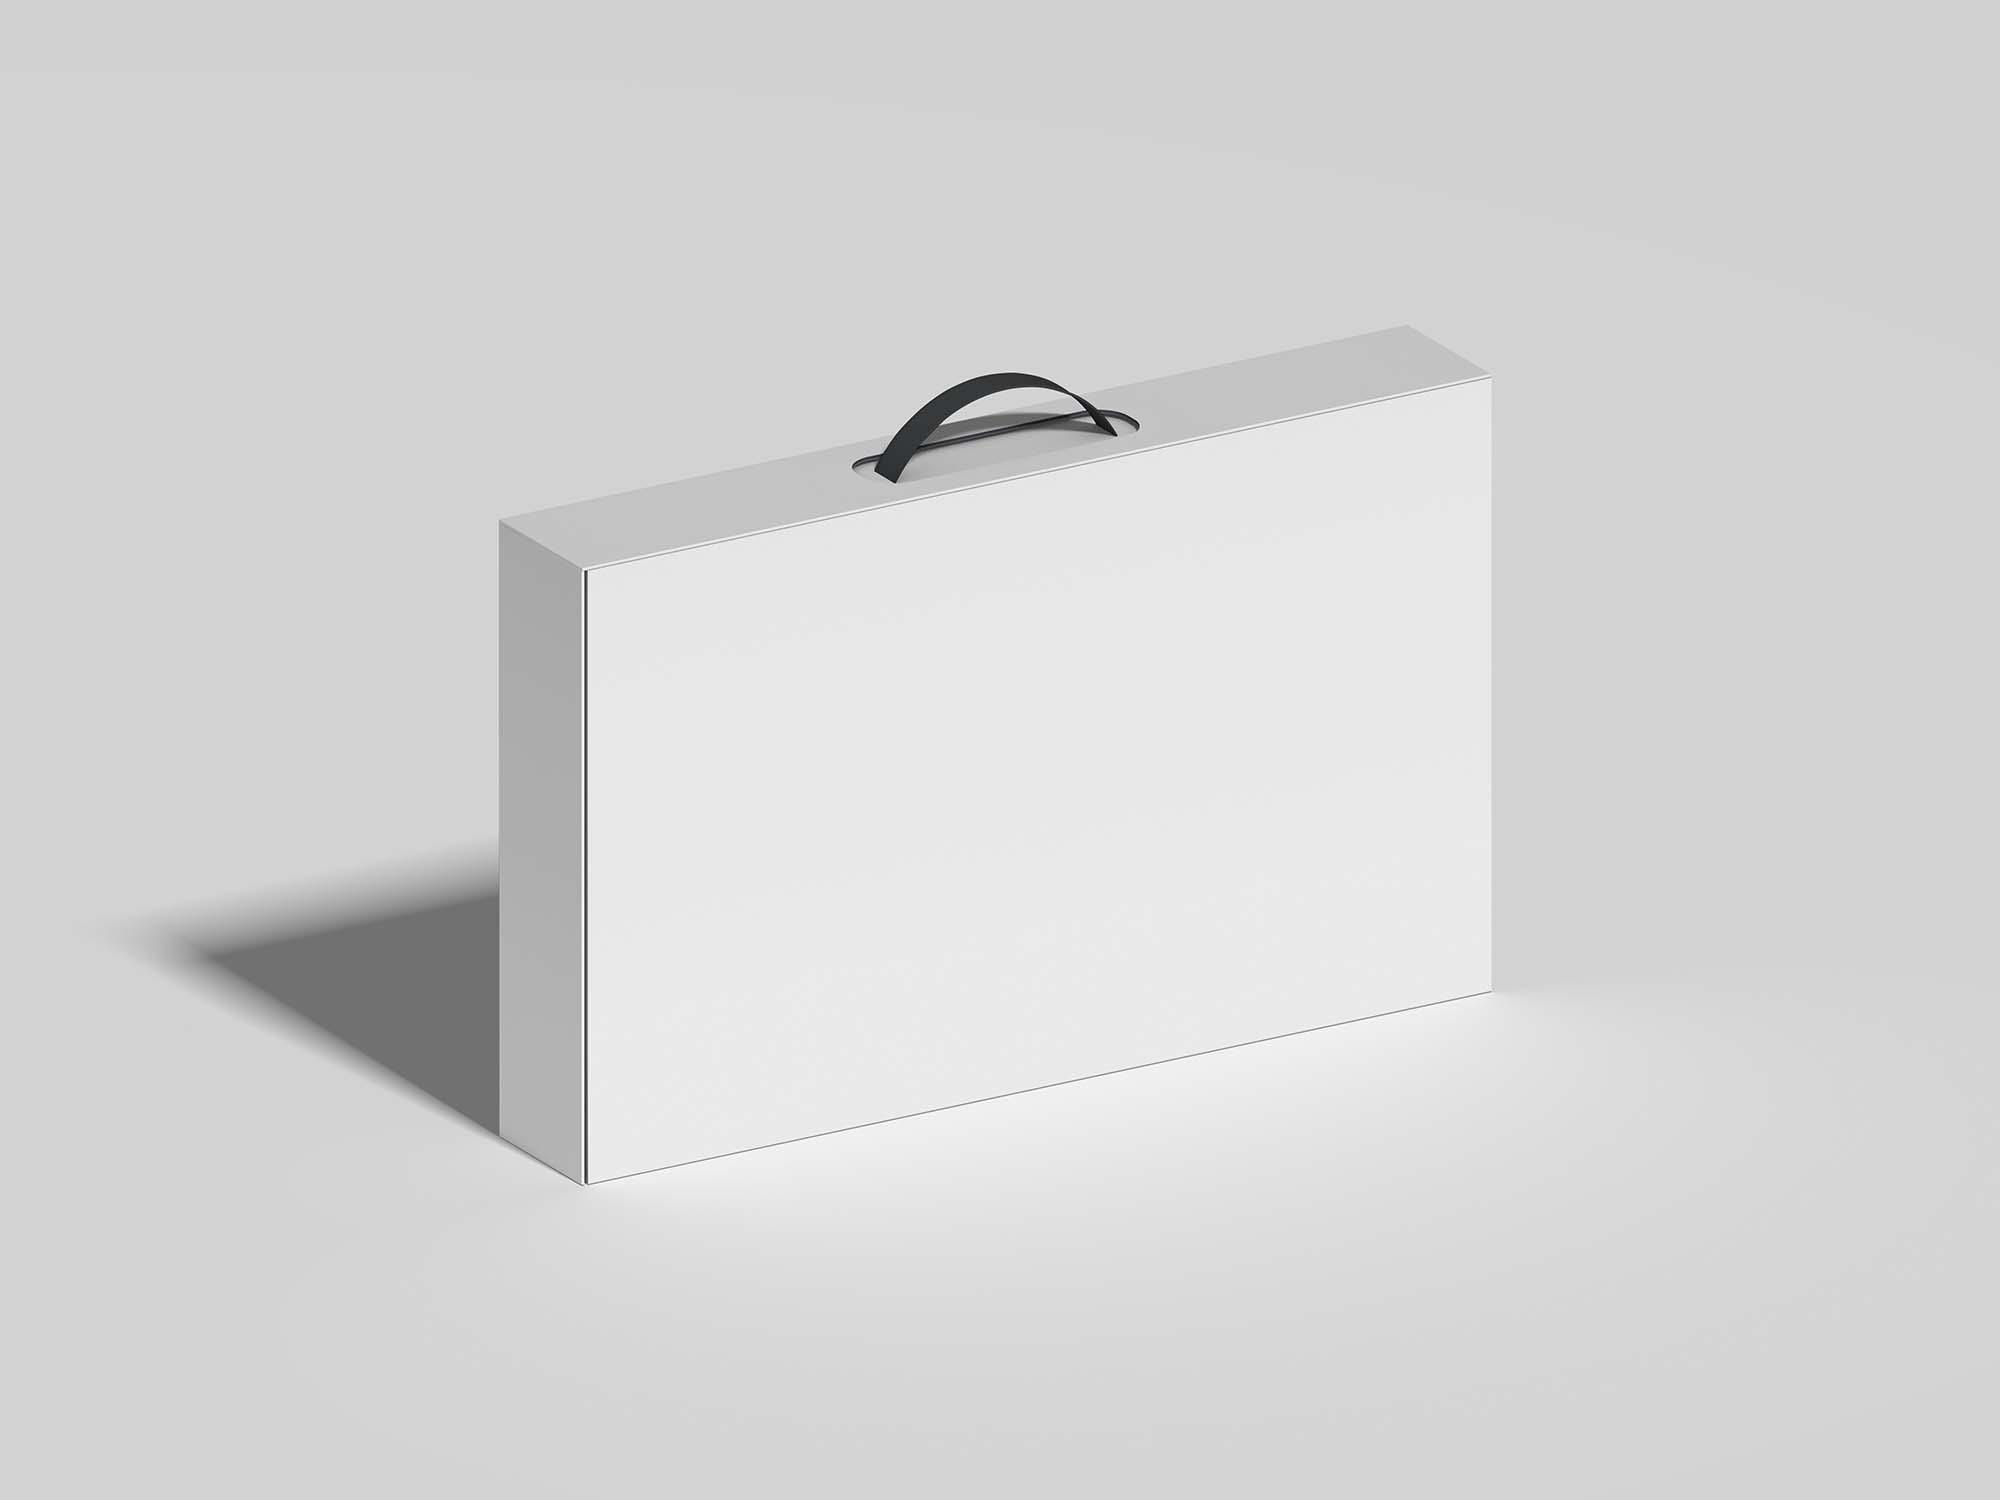 Free Computer Monitor Packaging Mockup 2